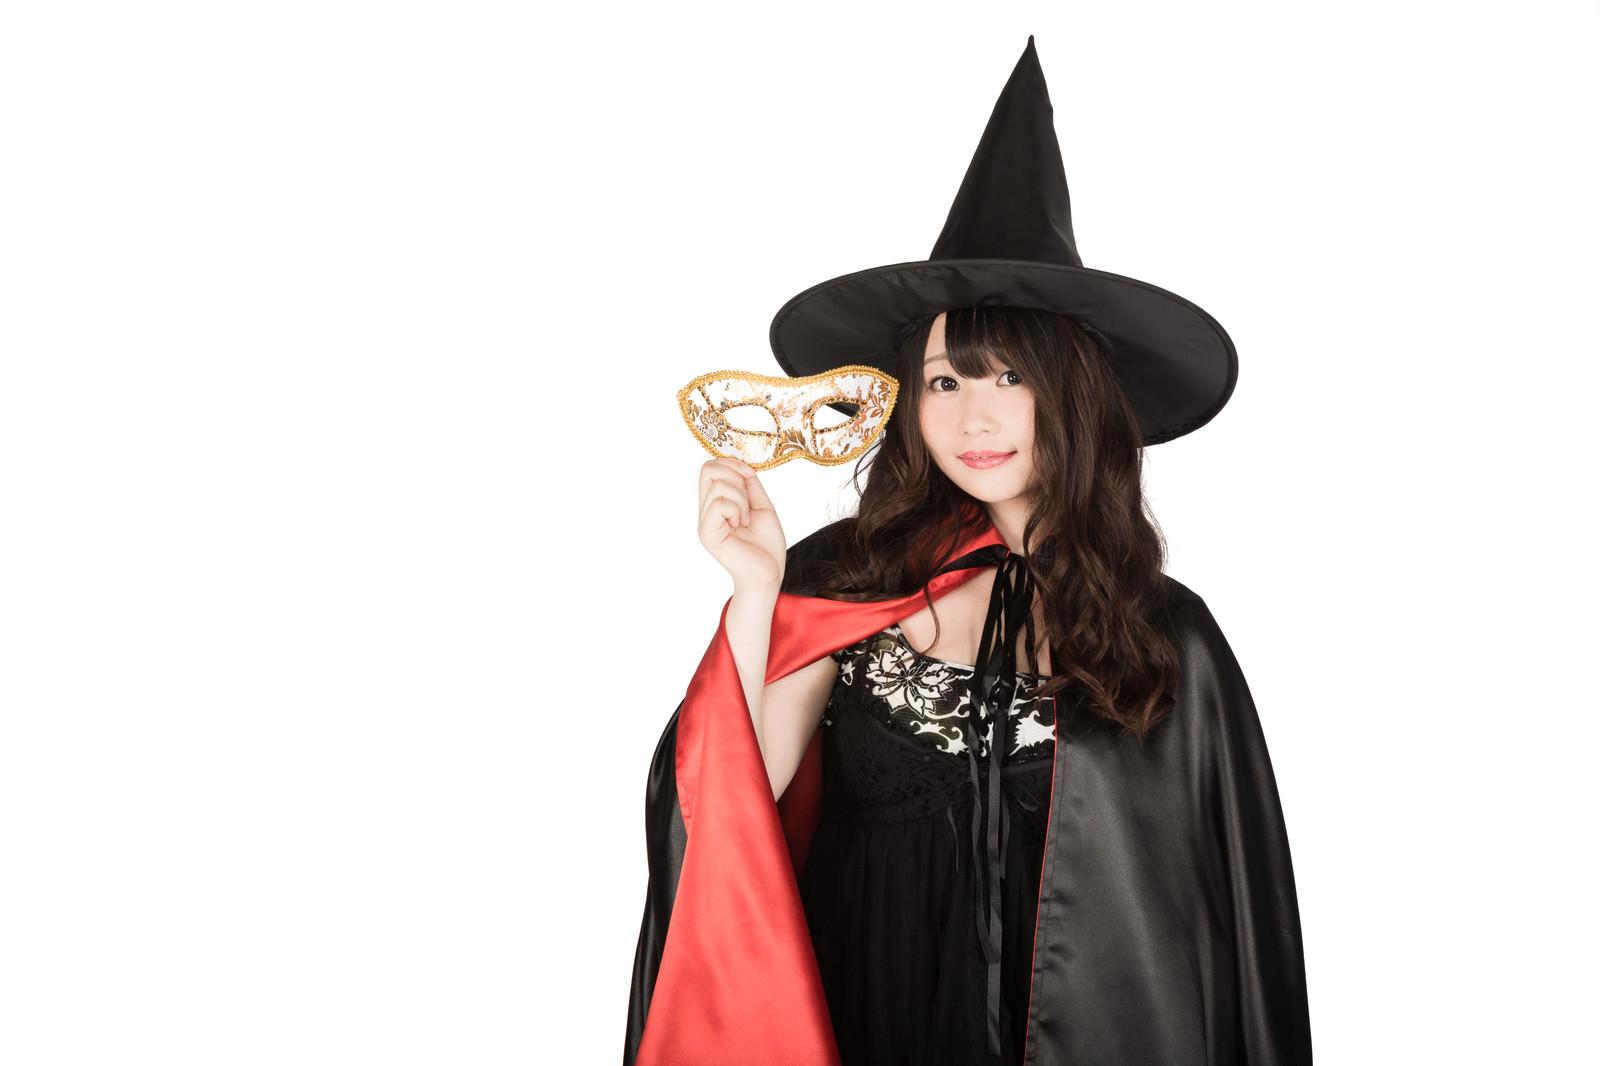 「仮装用マスクを外した魔女(ハロウィン)」の写真[モデル:茜さや]